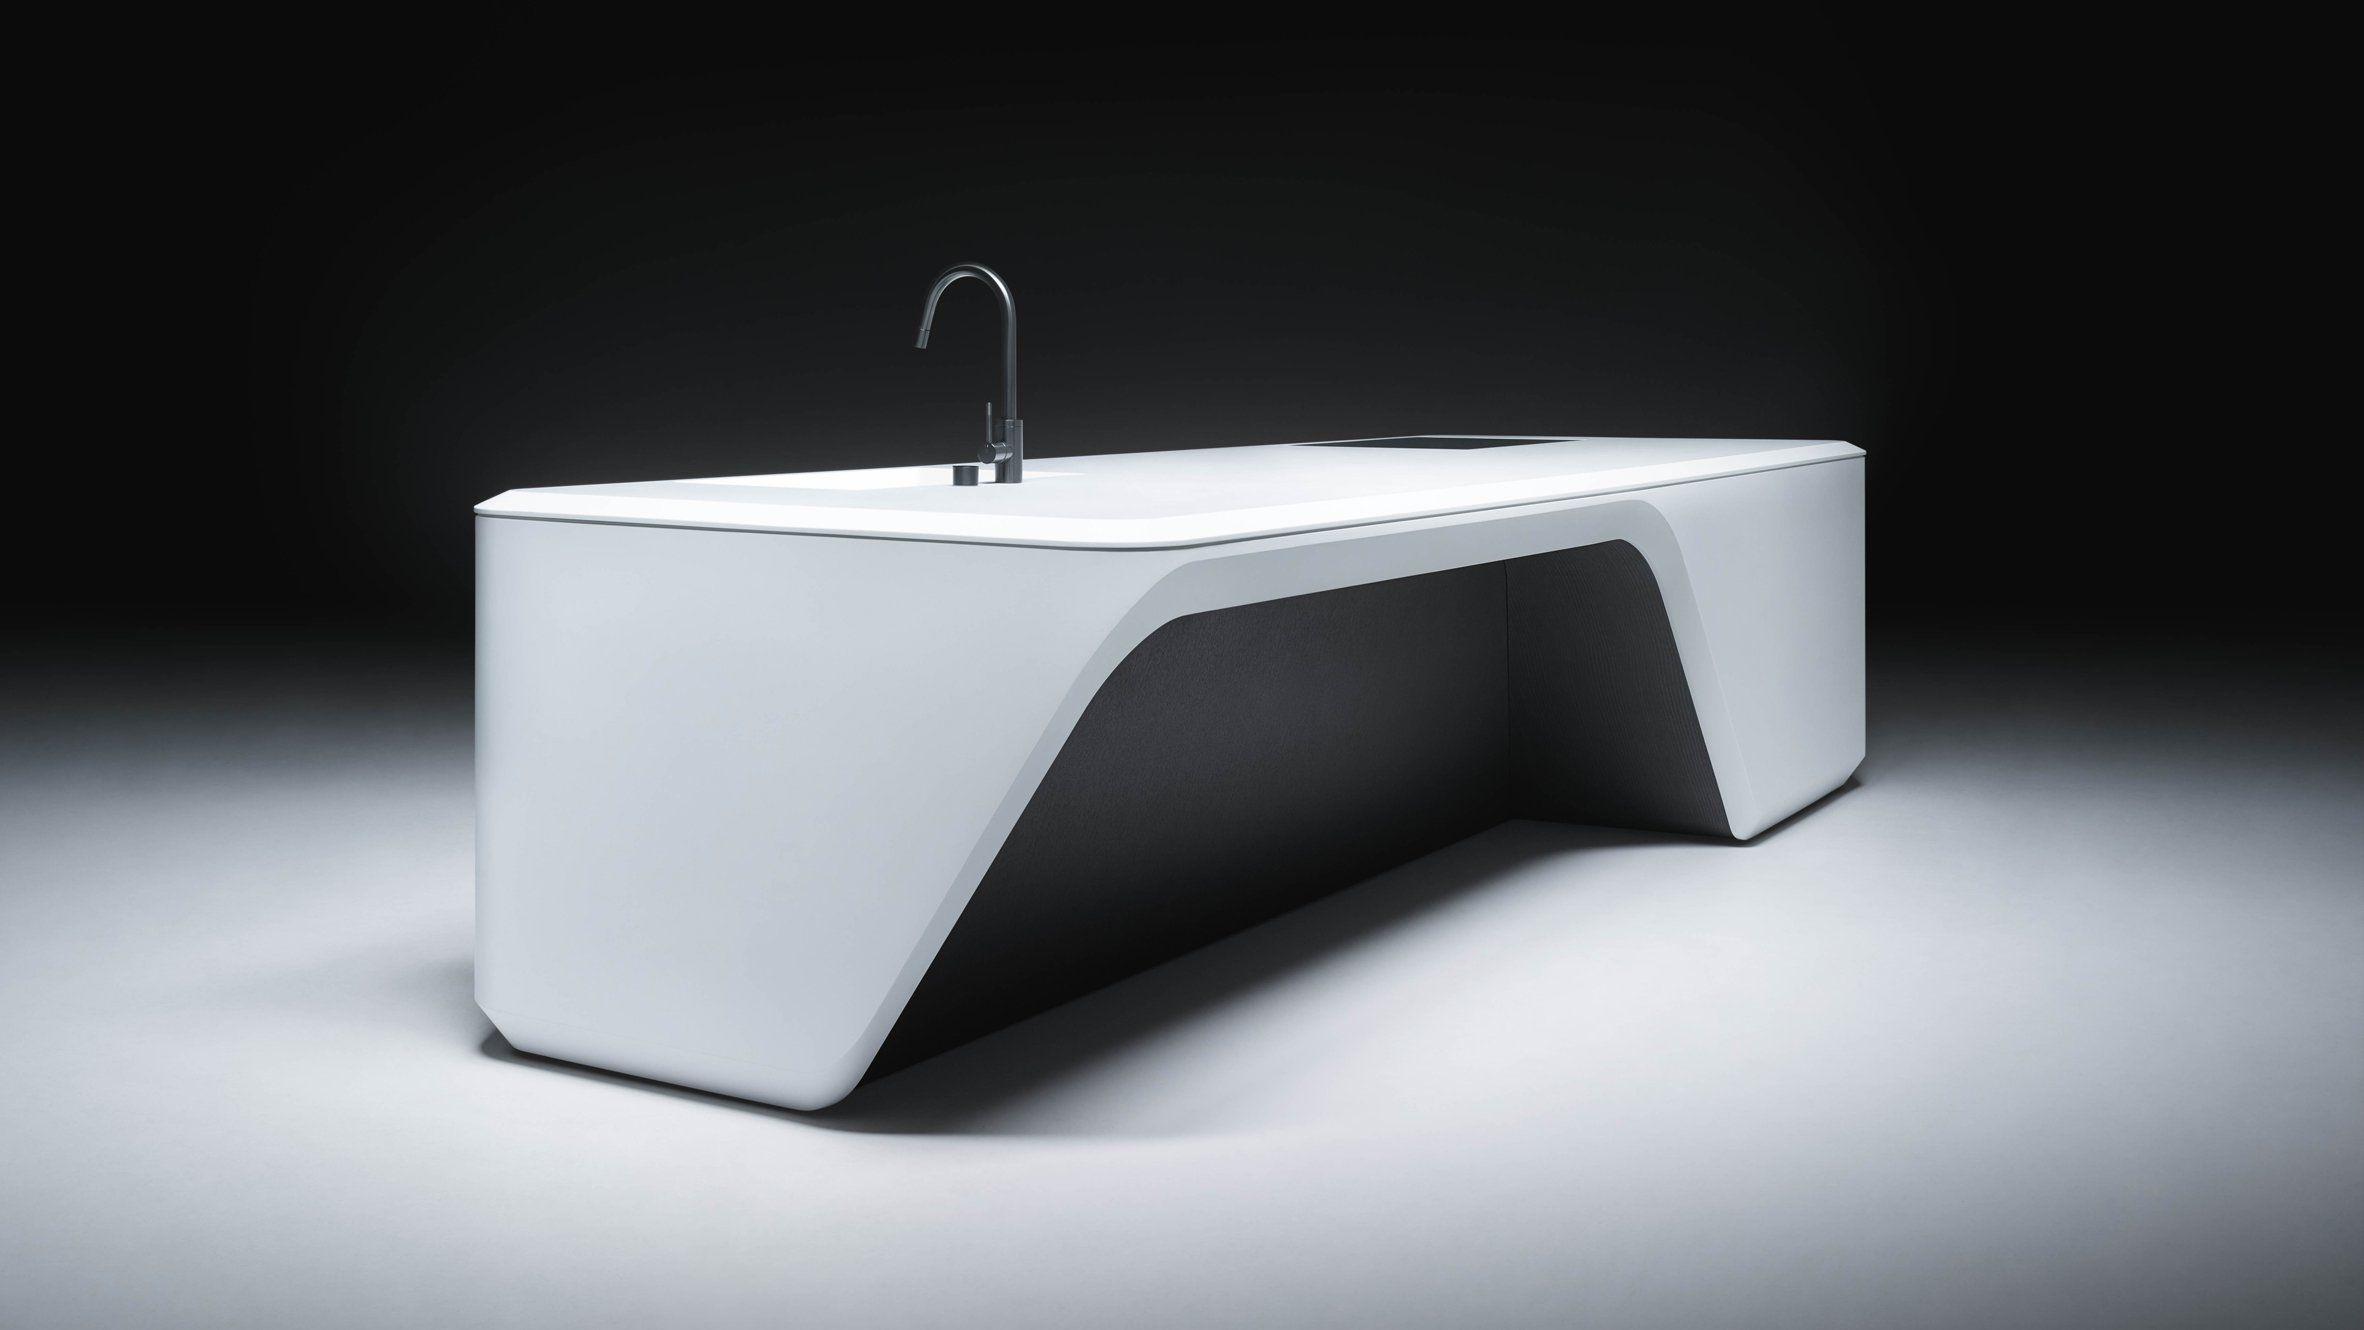 Boffi_cove By Zaha Hadid Architects Interior Details Pinterest  # Muebles De Zaha Hadid